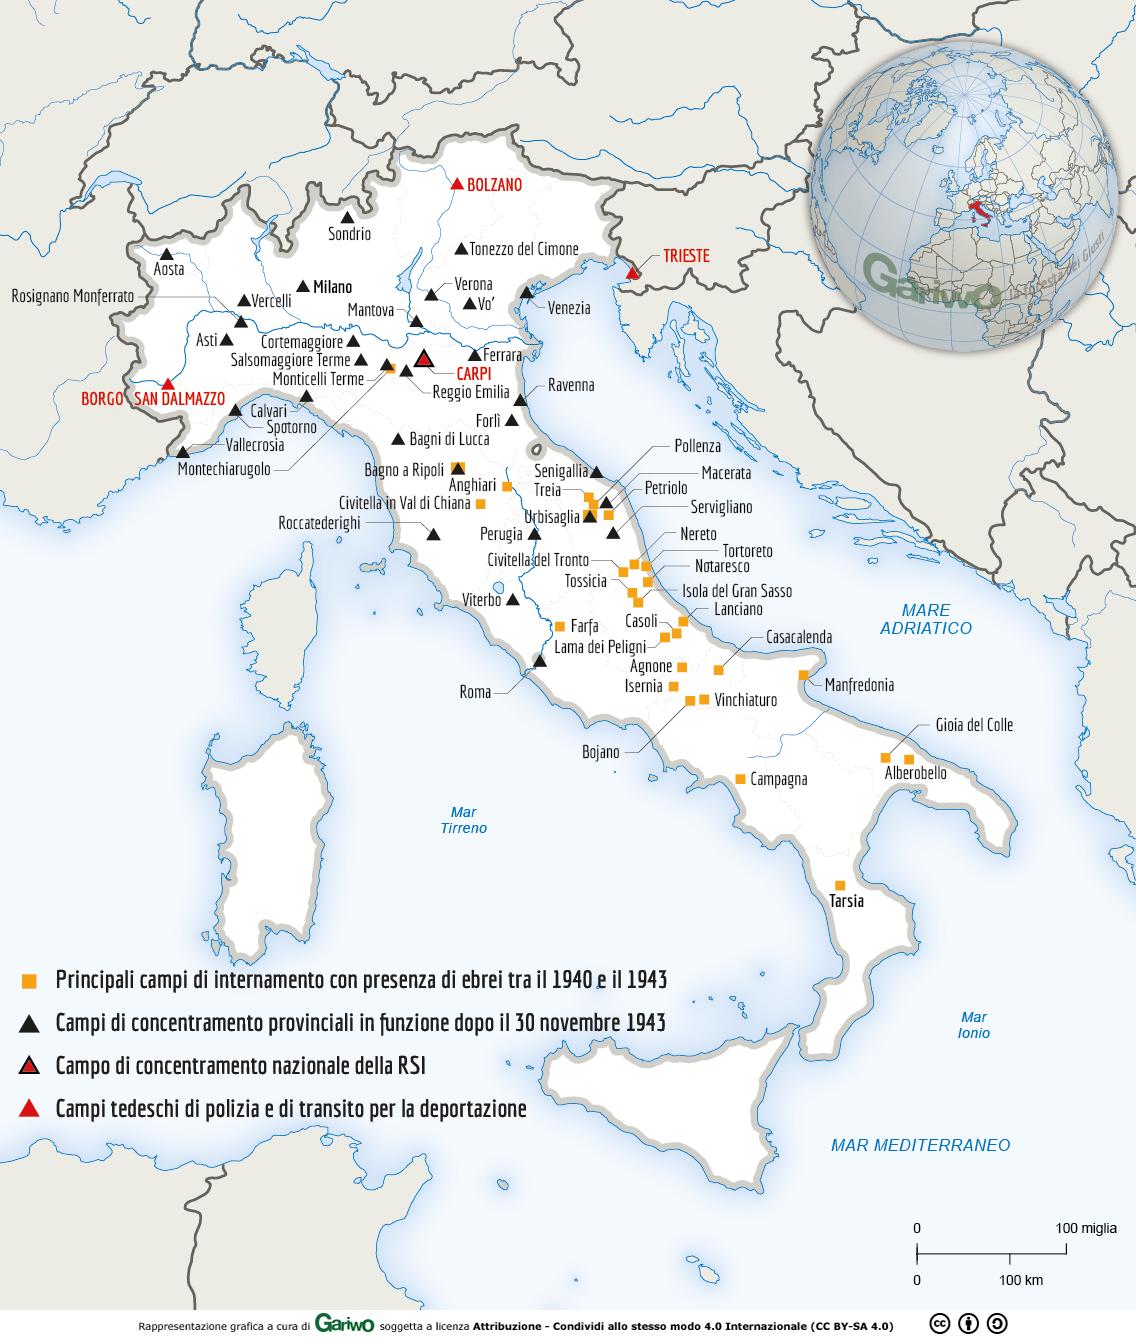 Cartina D Italia 1940.Shoah Il Genocidio Della Popolazione E Della Cultura Ebraica Perpetrato Dal Regime Nazista Approfondimento